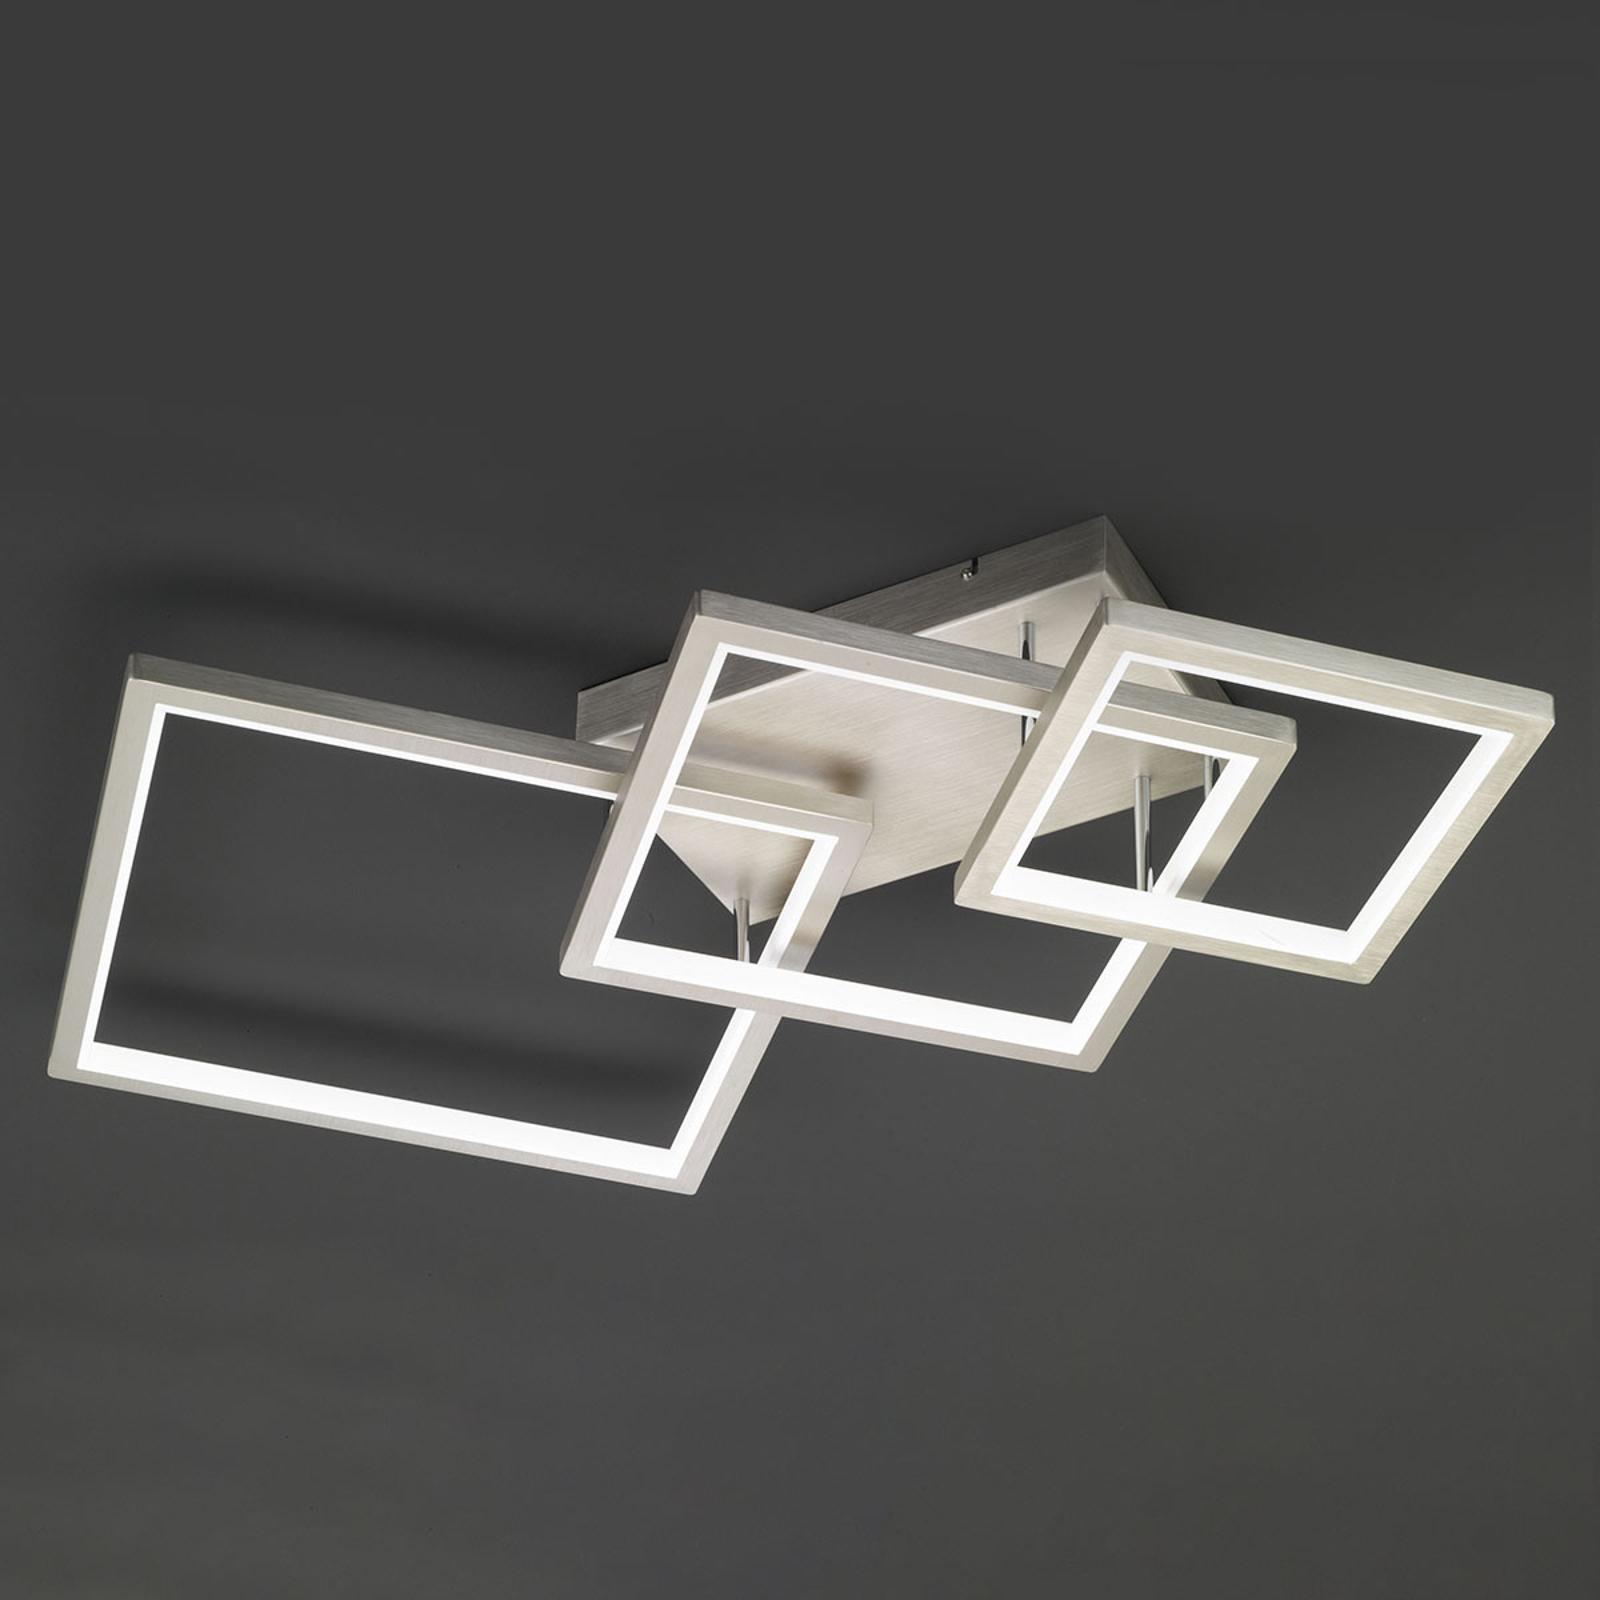 LED-taklampe Viso – dimbar med veggbryteren